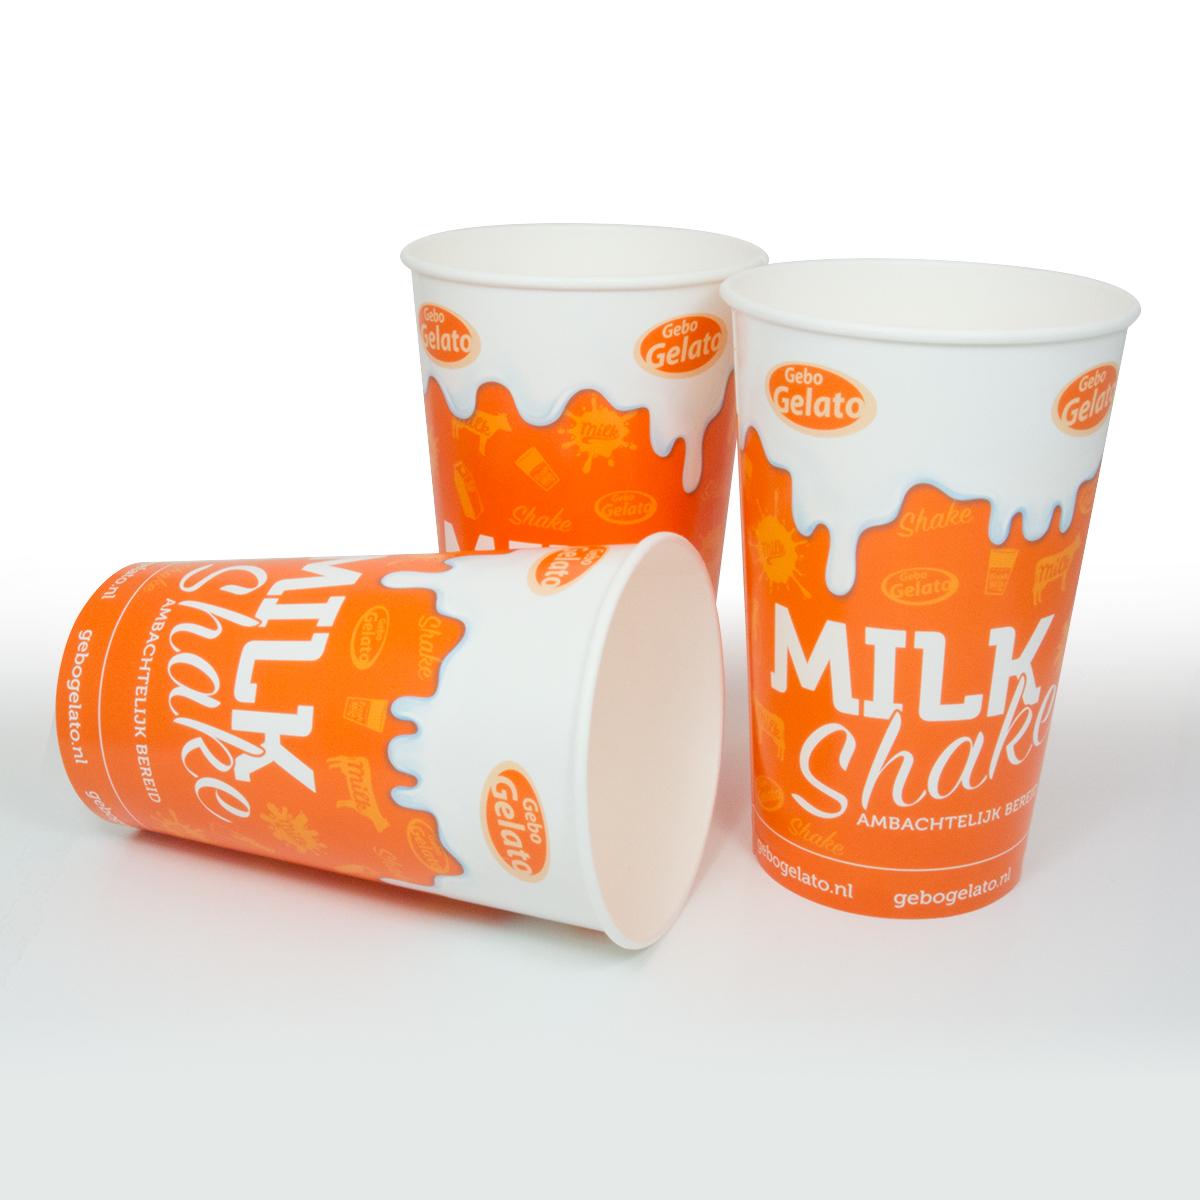 Milkshake bekers